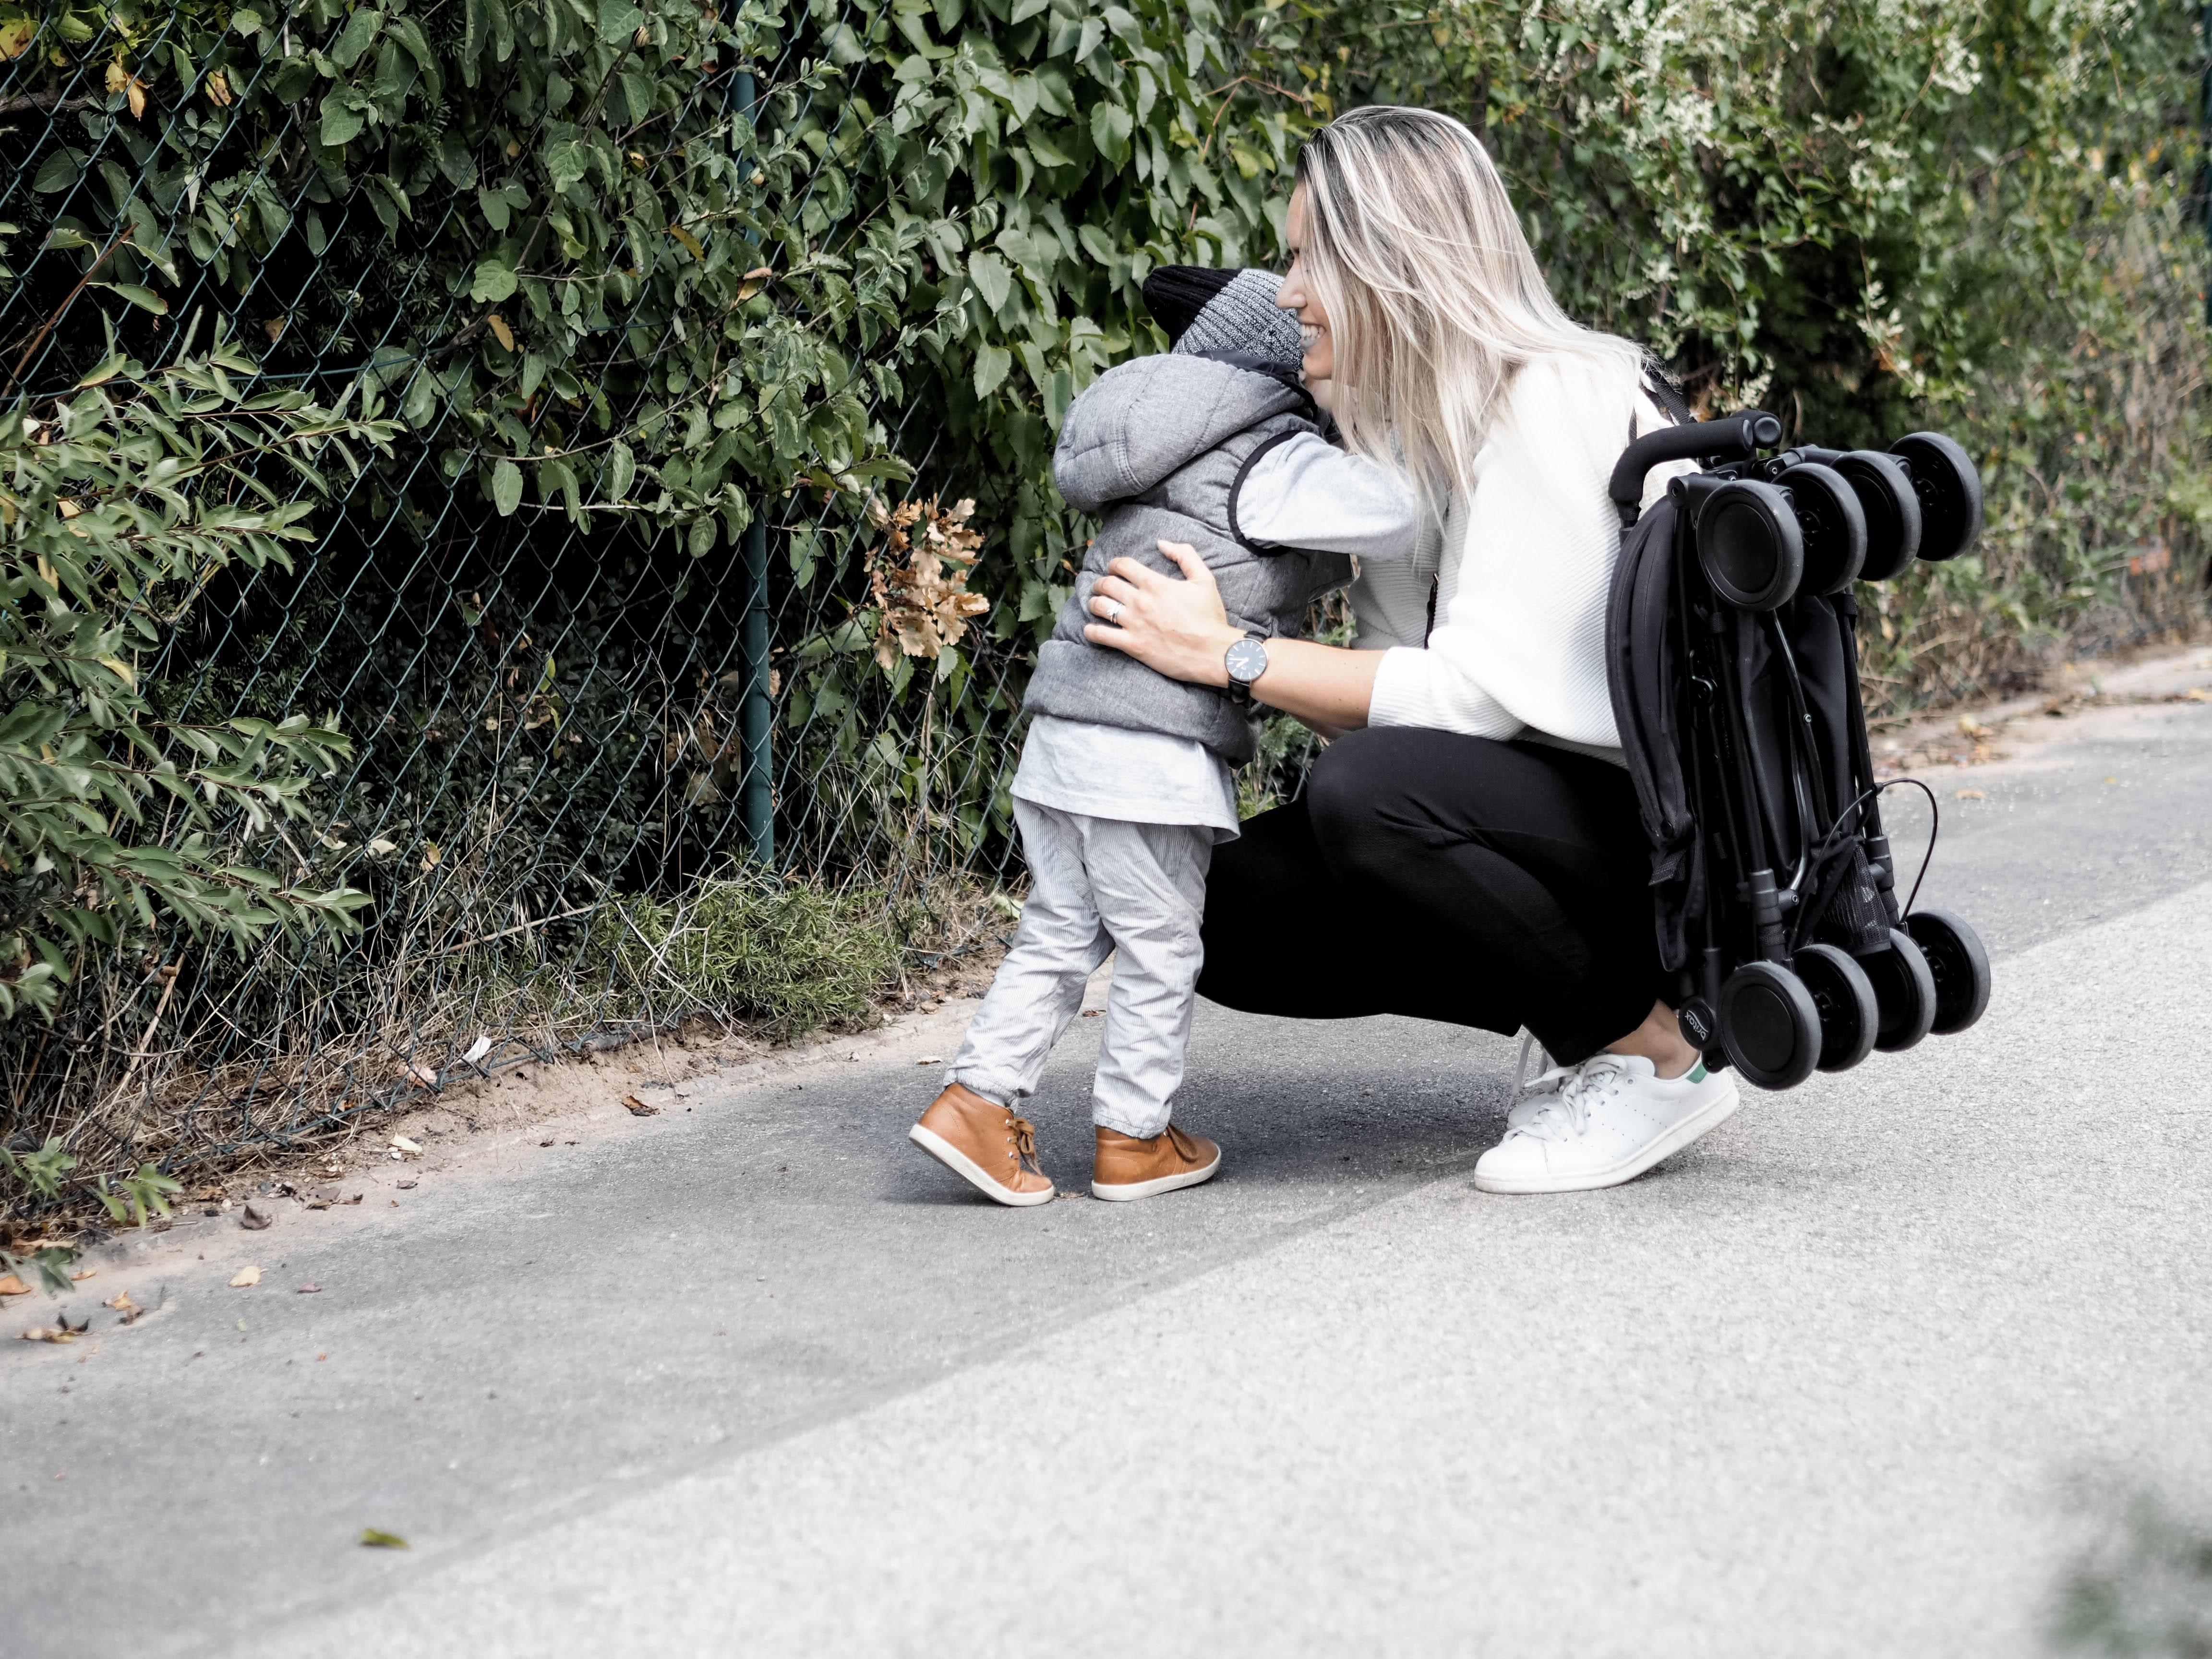 Britax Holiday der neue Kinderwagen für Reisen und Ausflüge